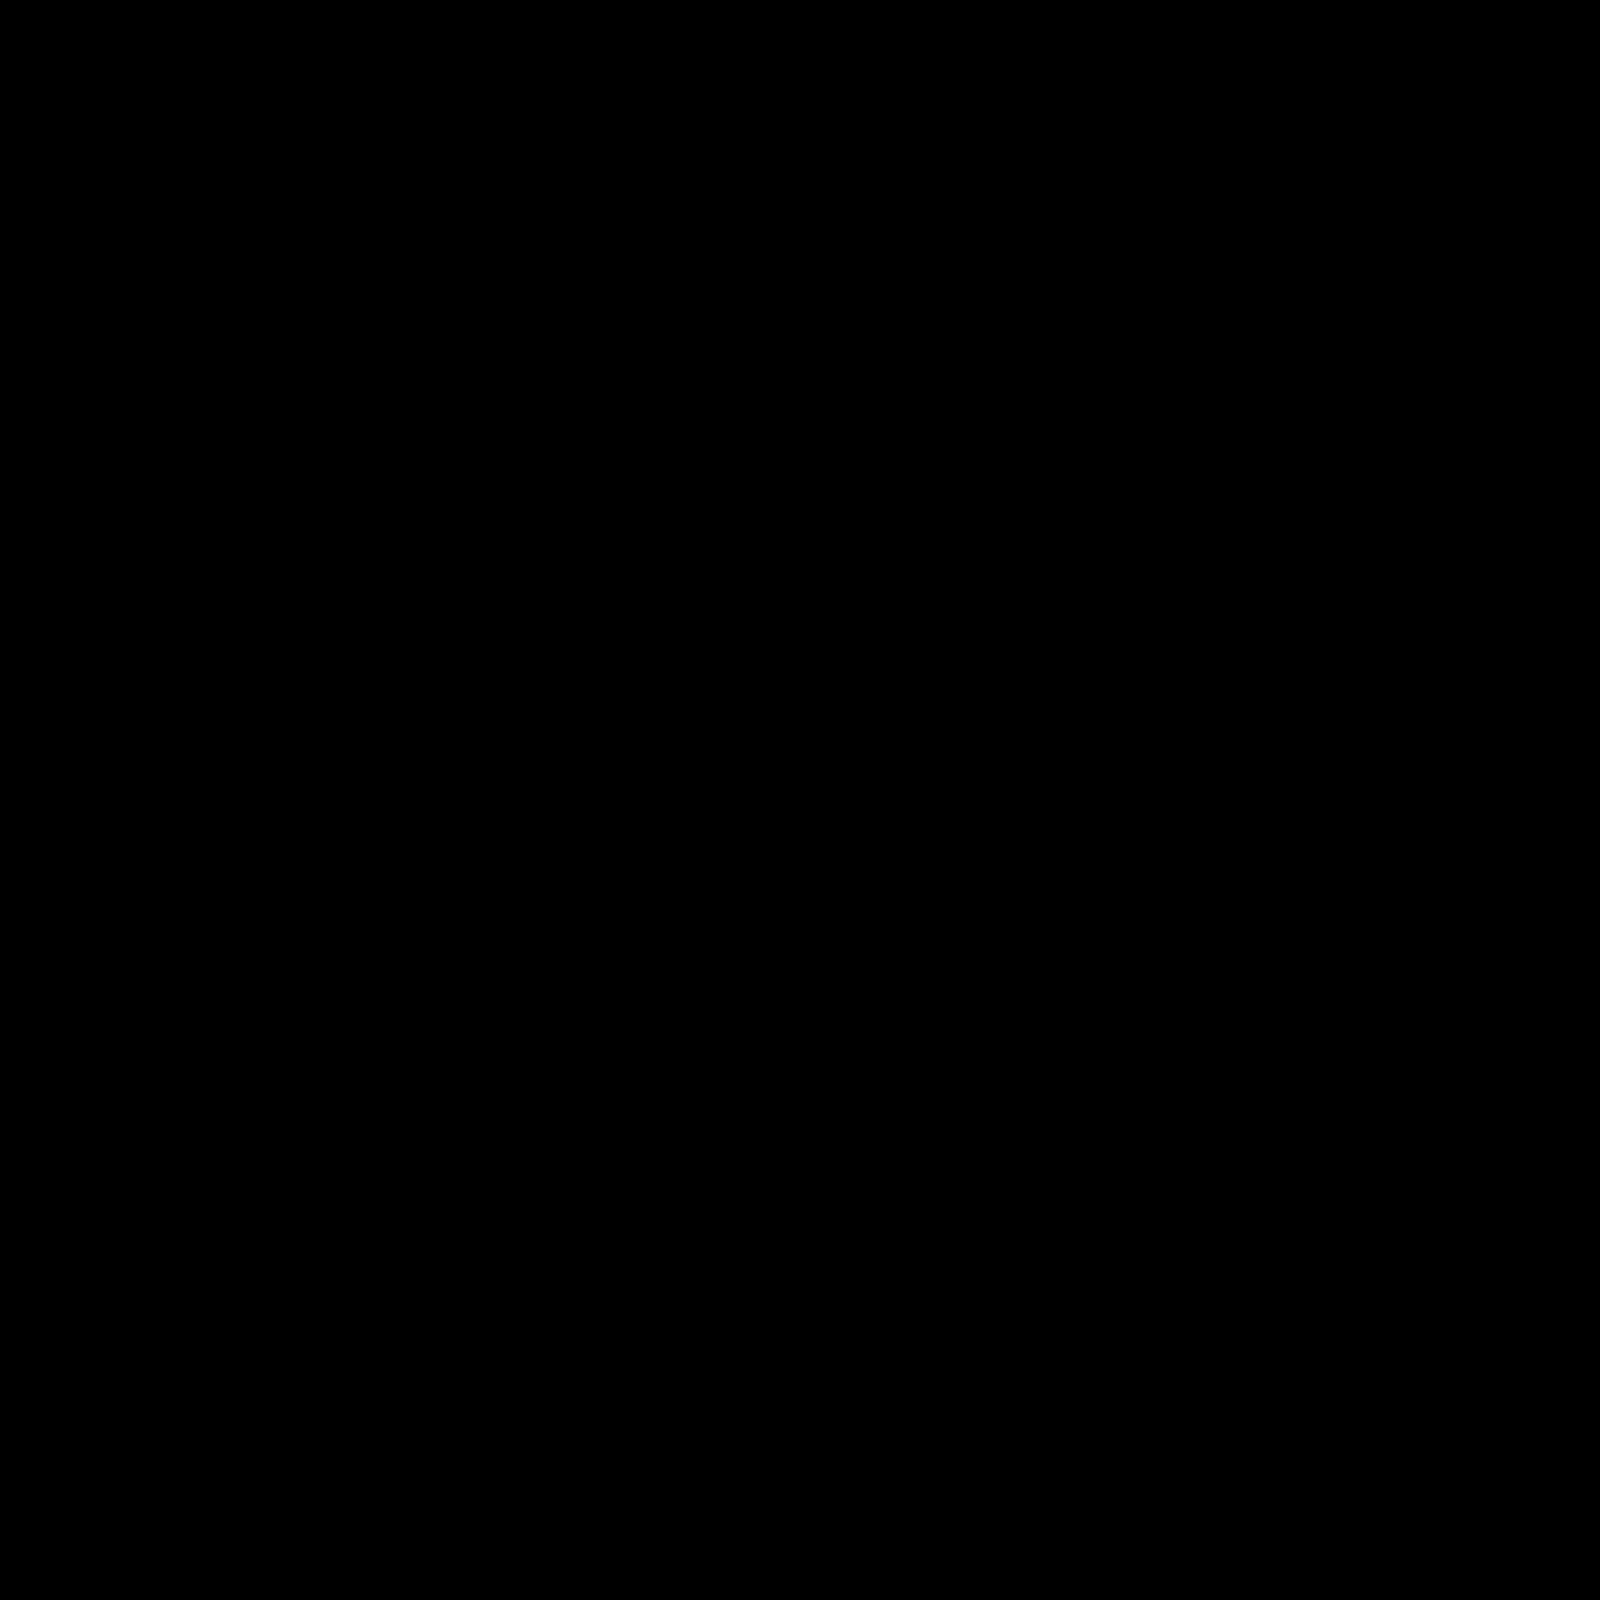 中アイコン icon. There is a square divided into four smaller squares inside. In the top left square is a zig zag line with a dot above. In the top right square is an icon of a sun. In the bottom left corner is a rounded leaf. In the bottom right corner is a cloud shape with a dot above.